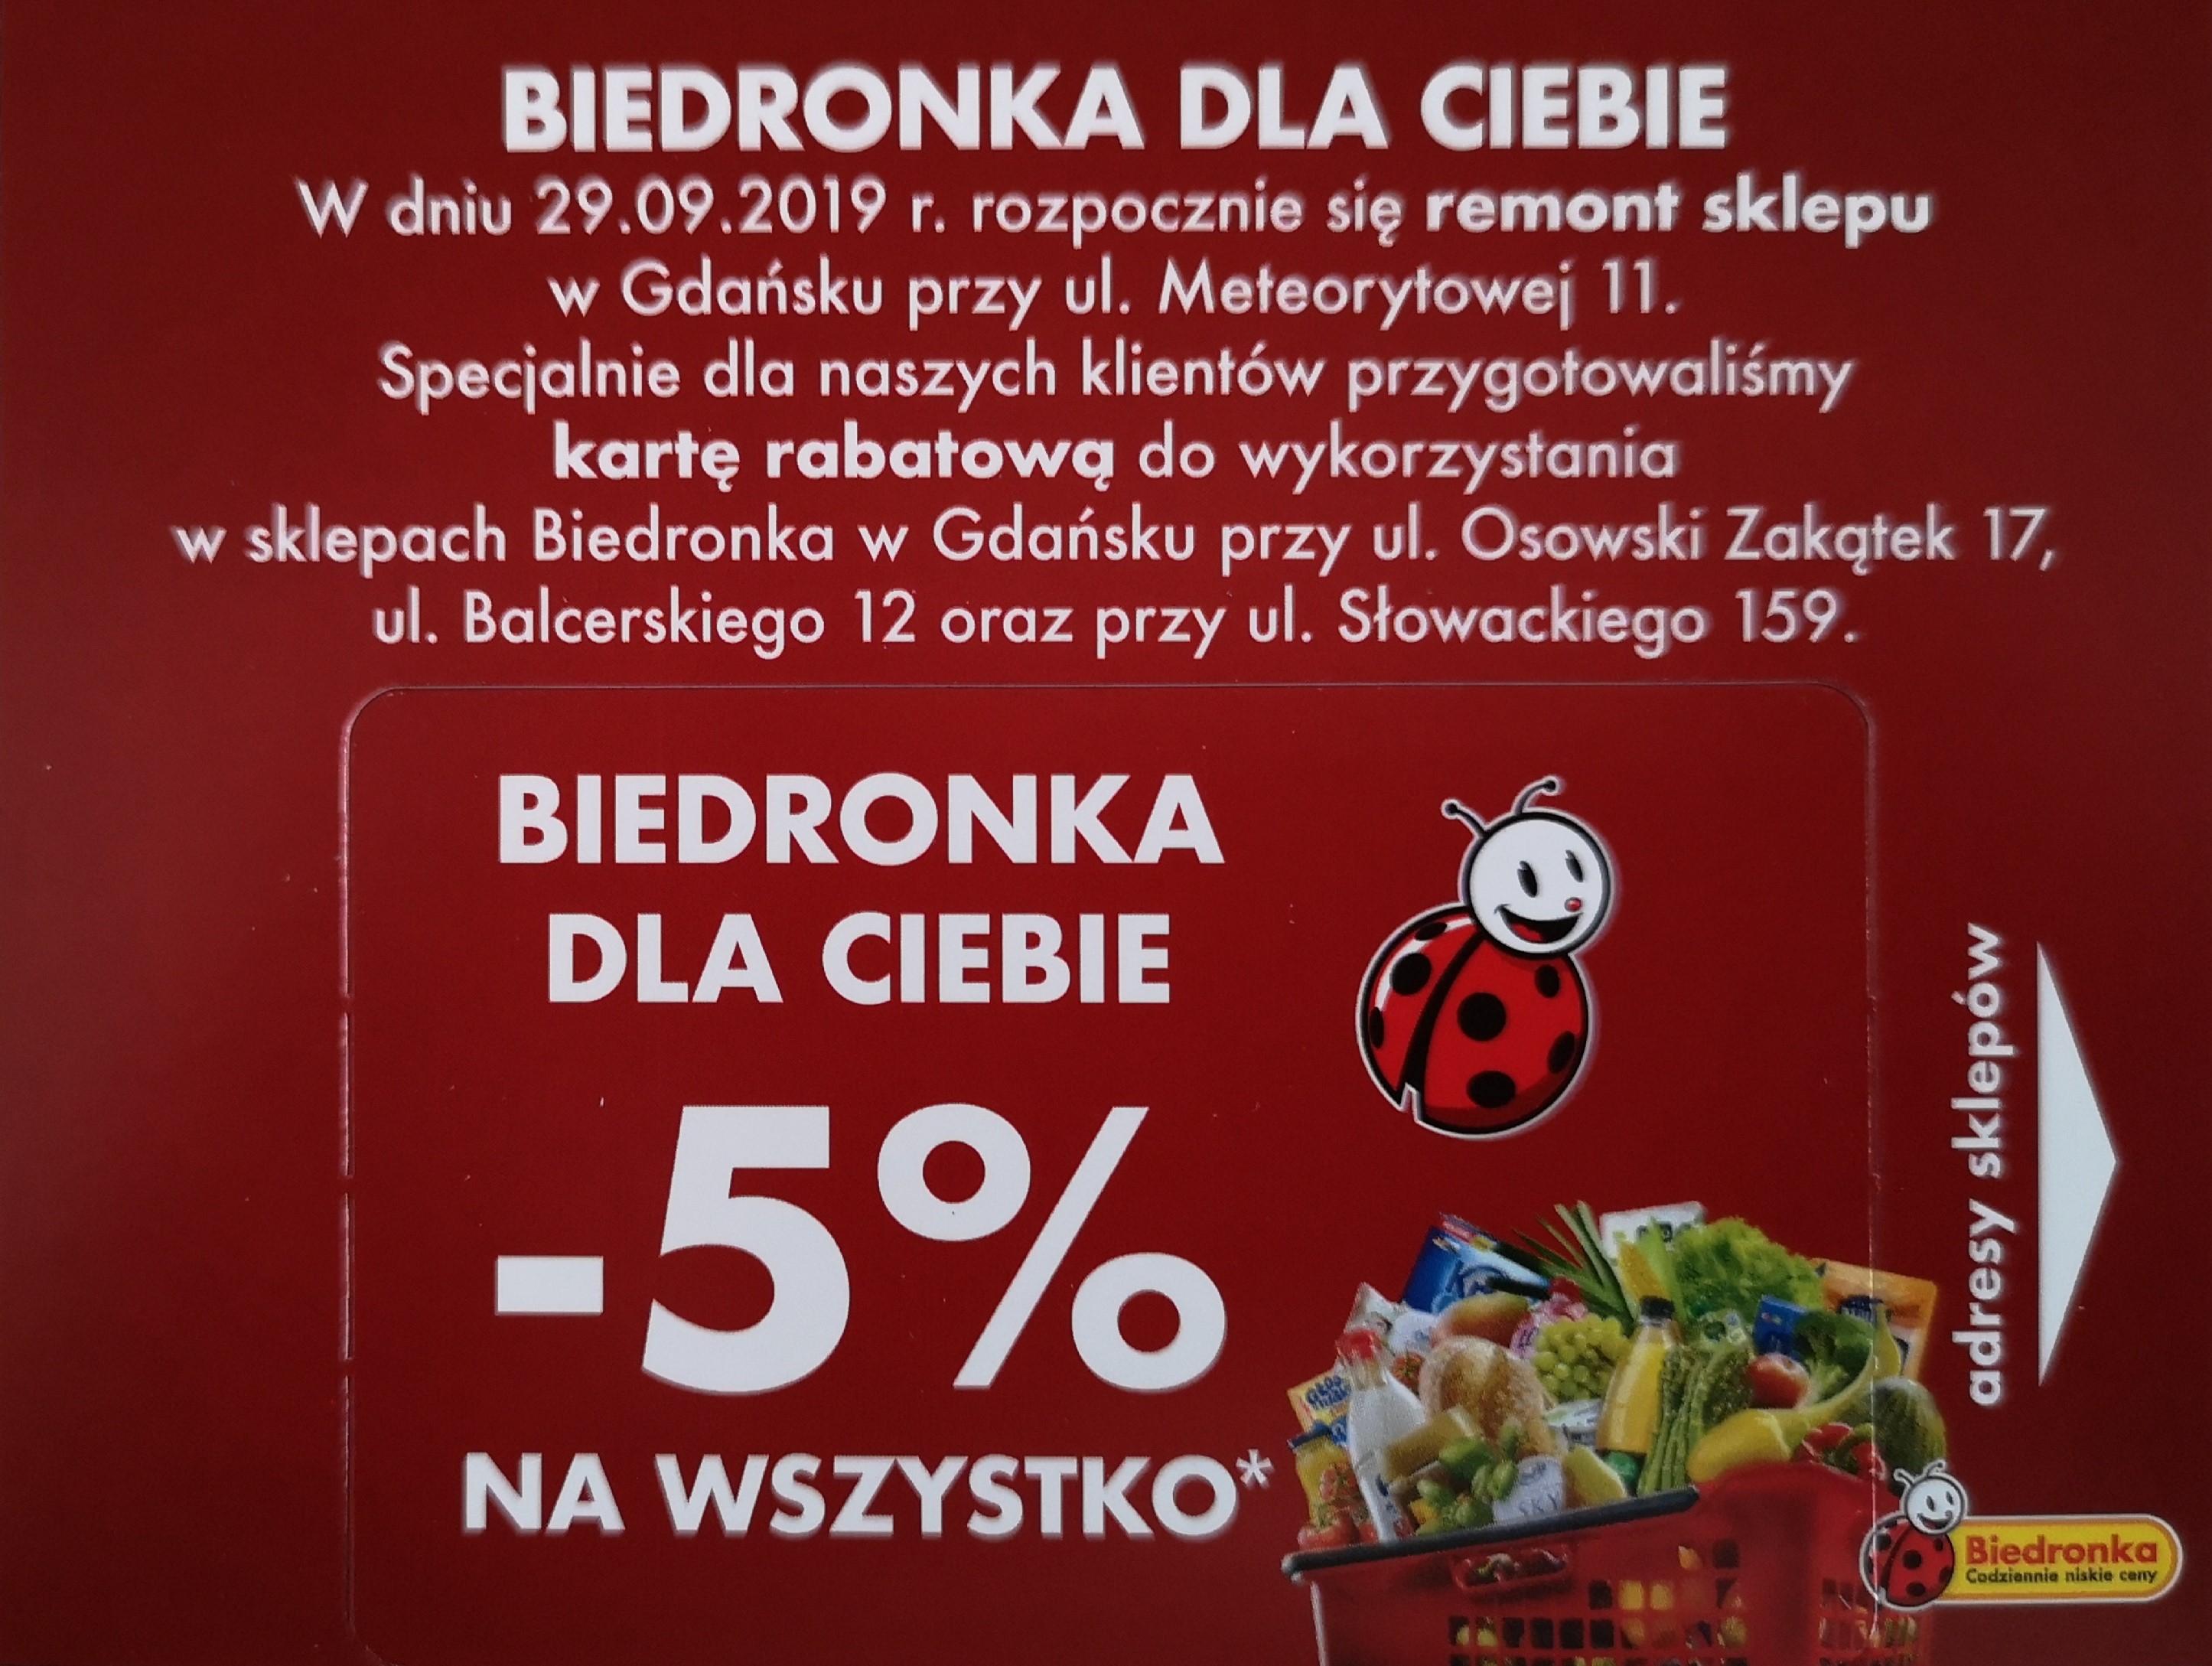 Biedronka 5% rabatu Gdańsk, Osowski Zakątek, Balcerskiego, Słowackiego 159